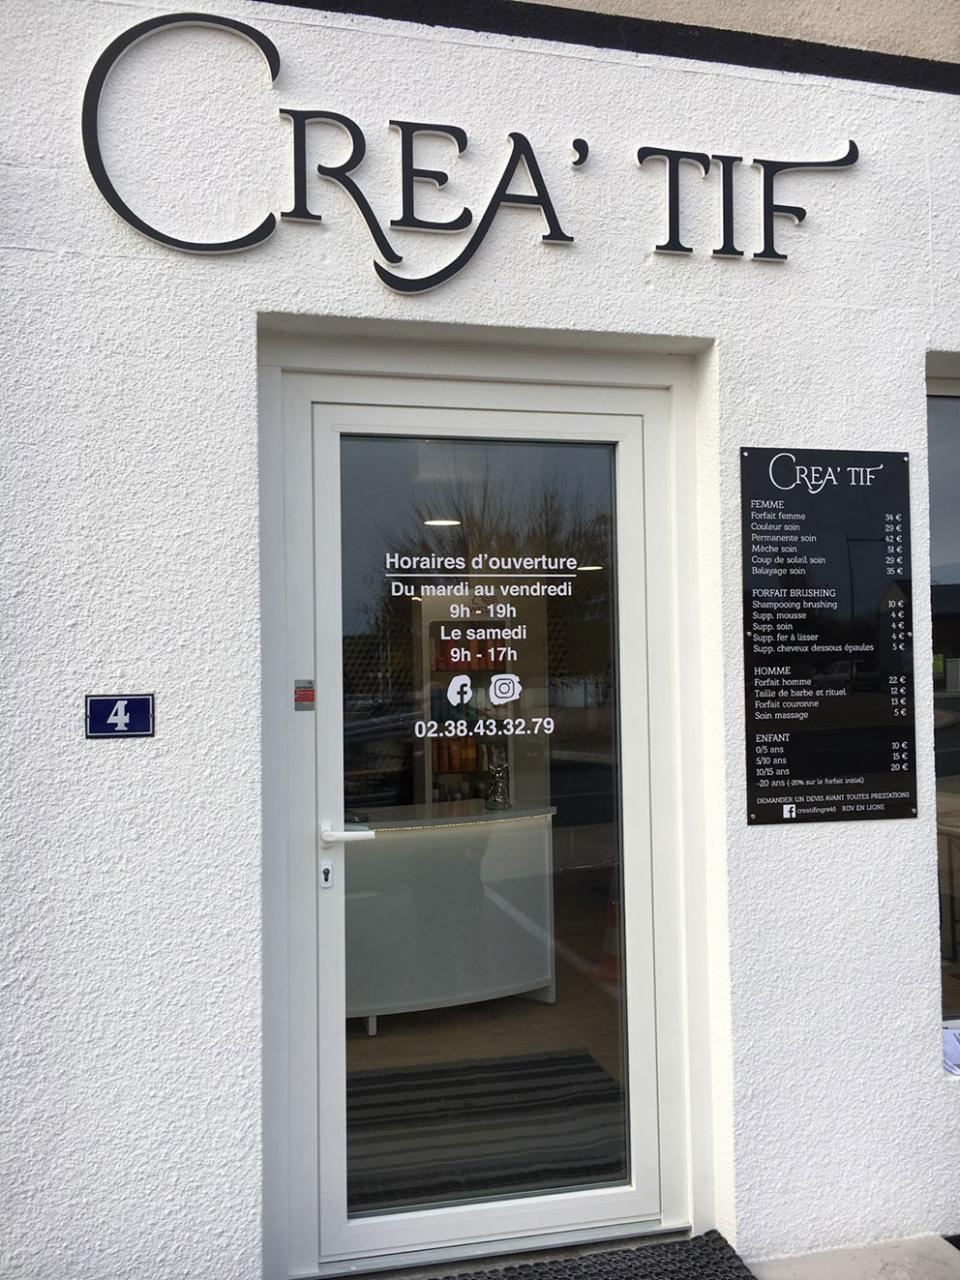 Image de l'enseigne pour Crea'tif